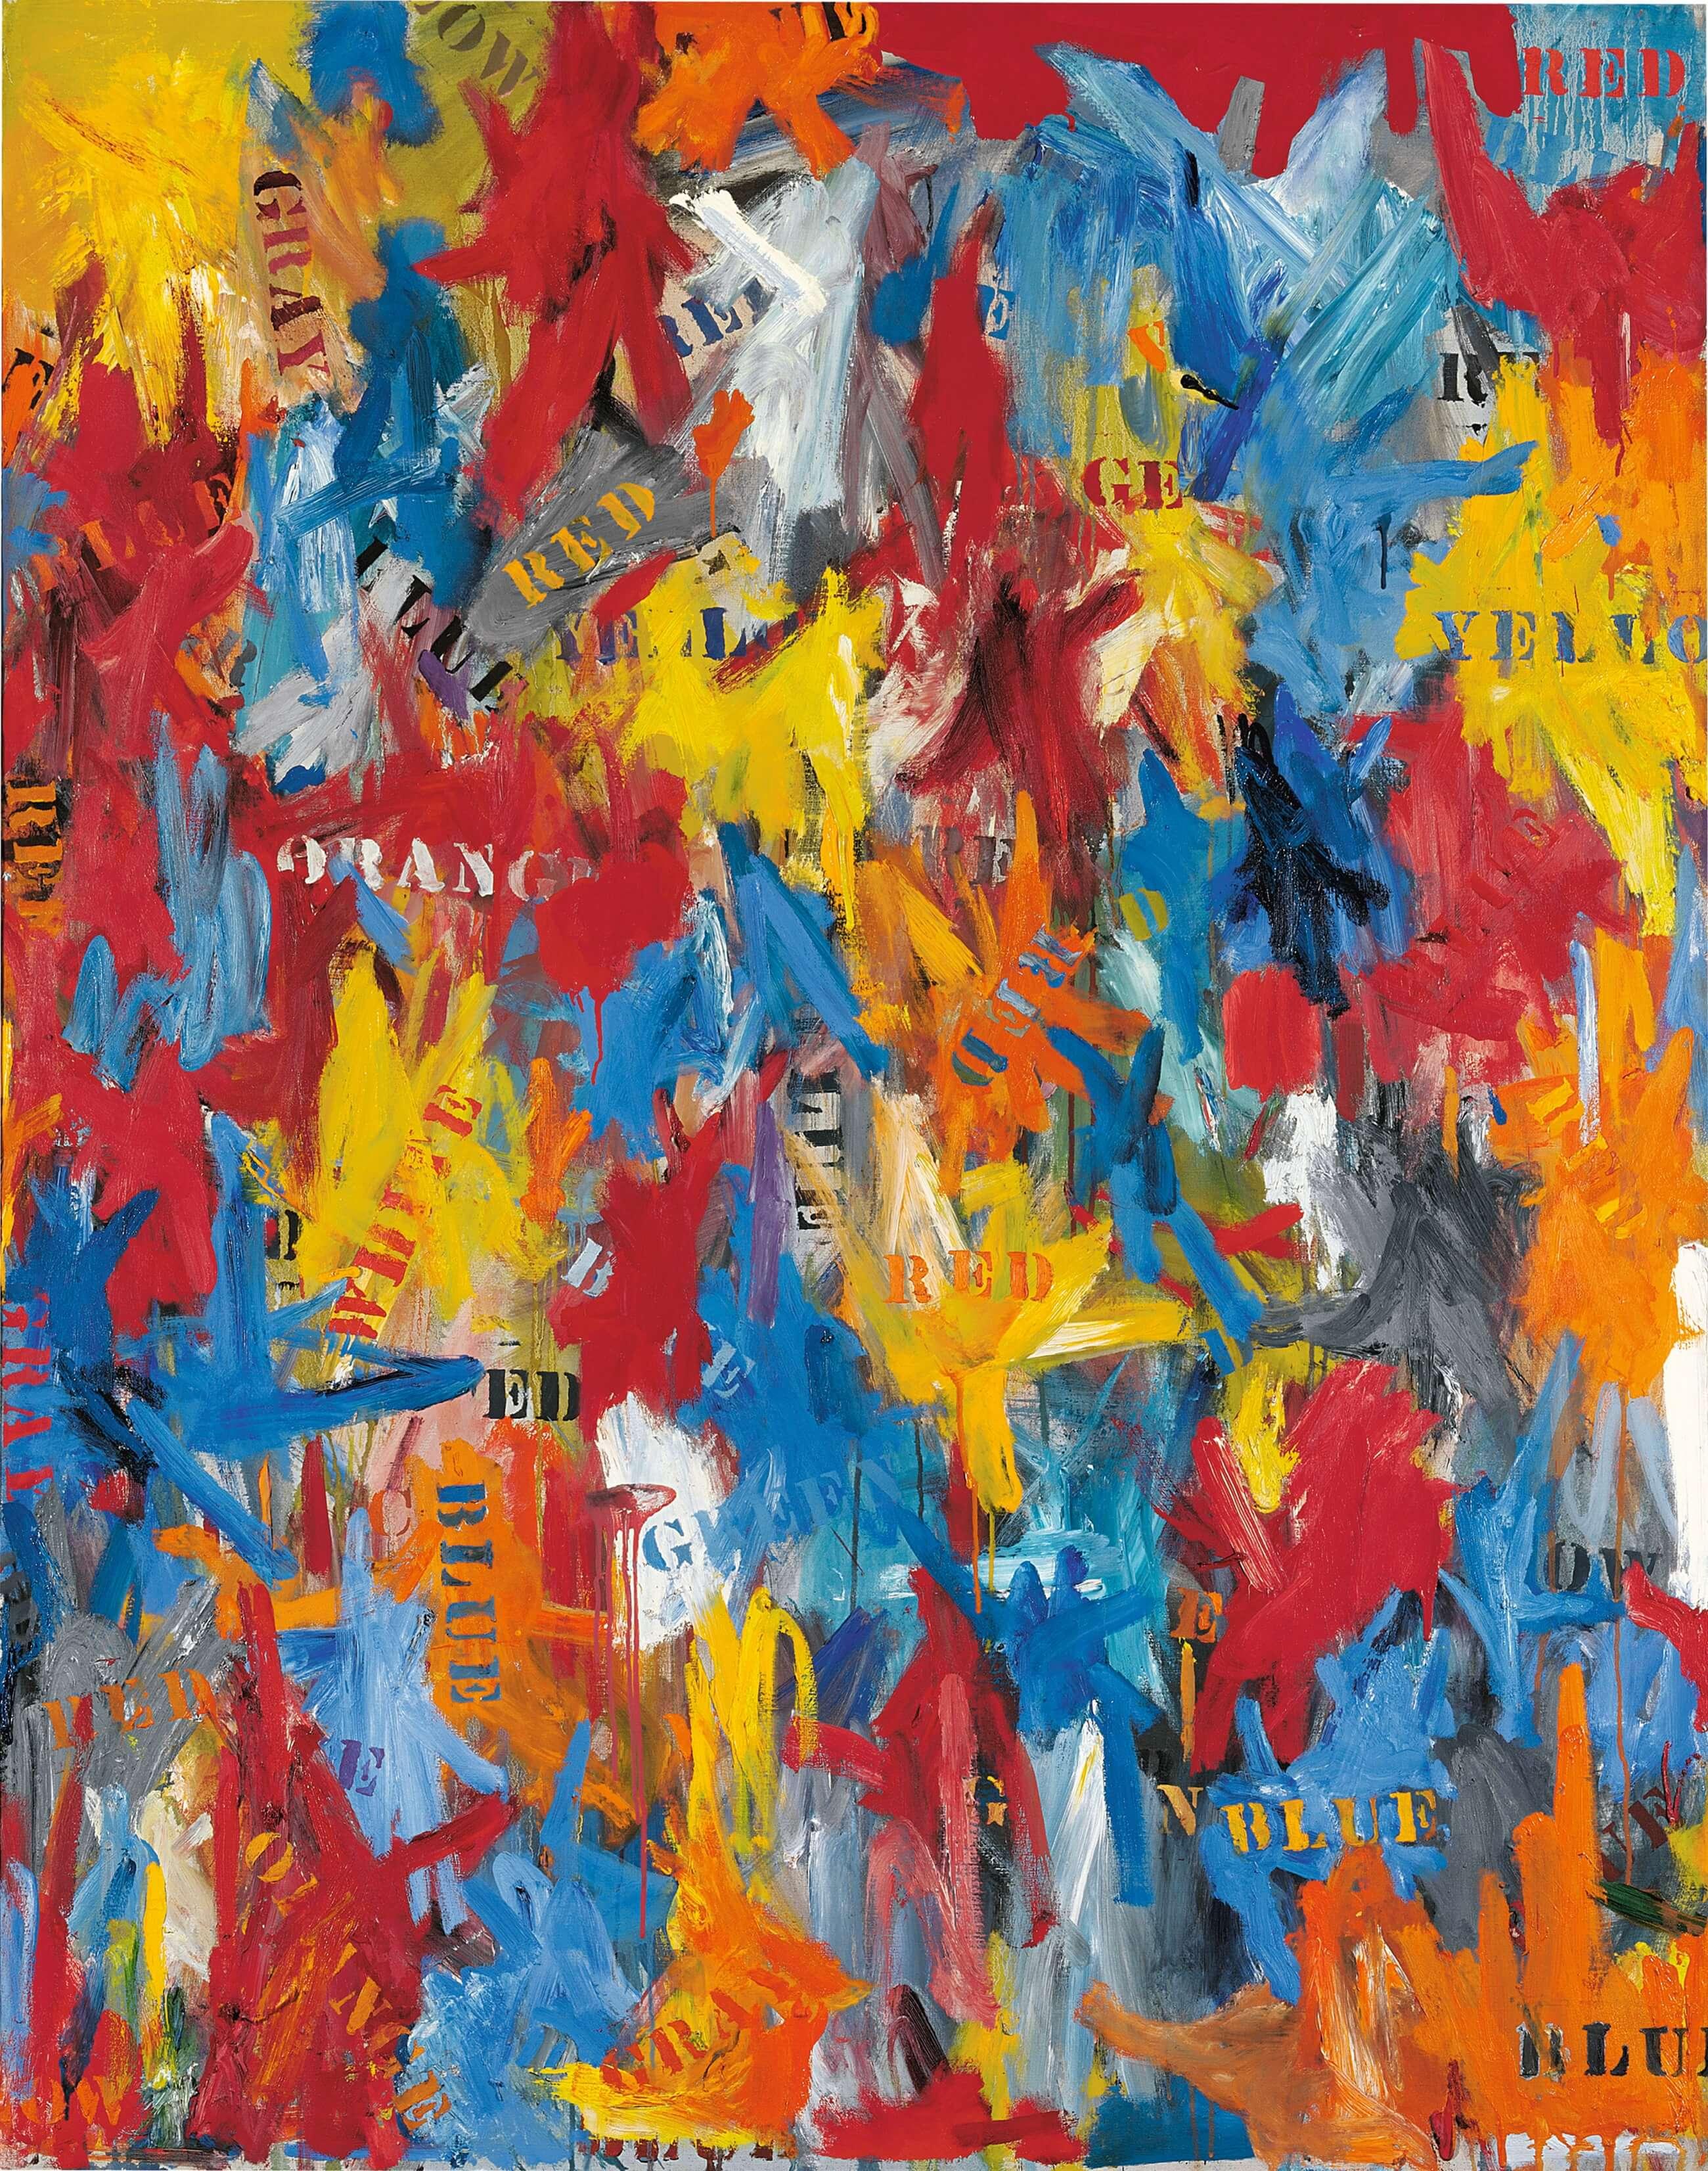 False Start, 1959, by Jasper Johns